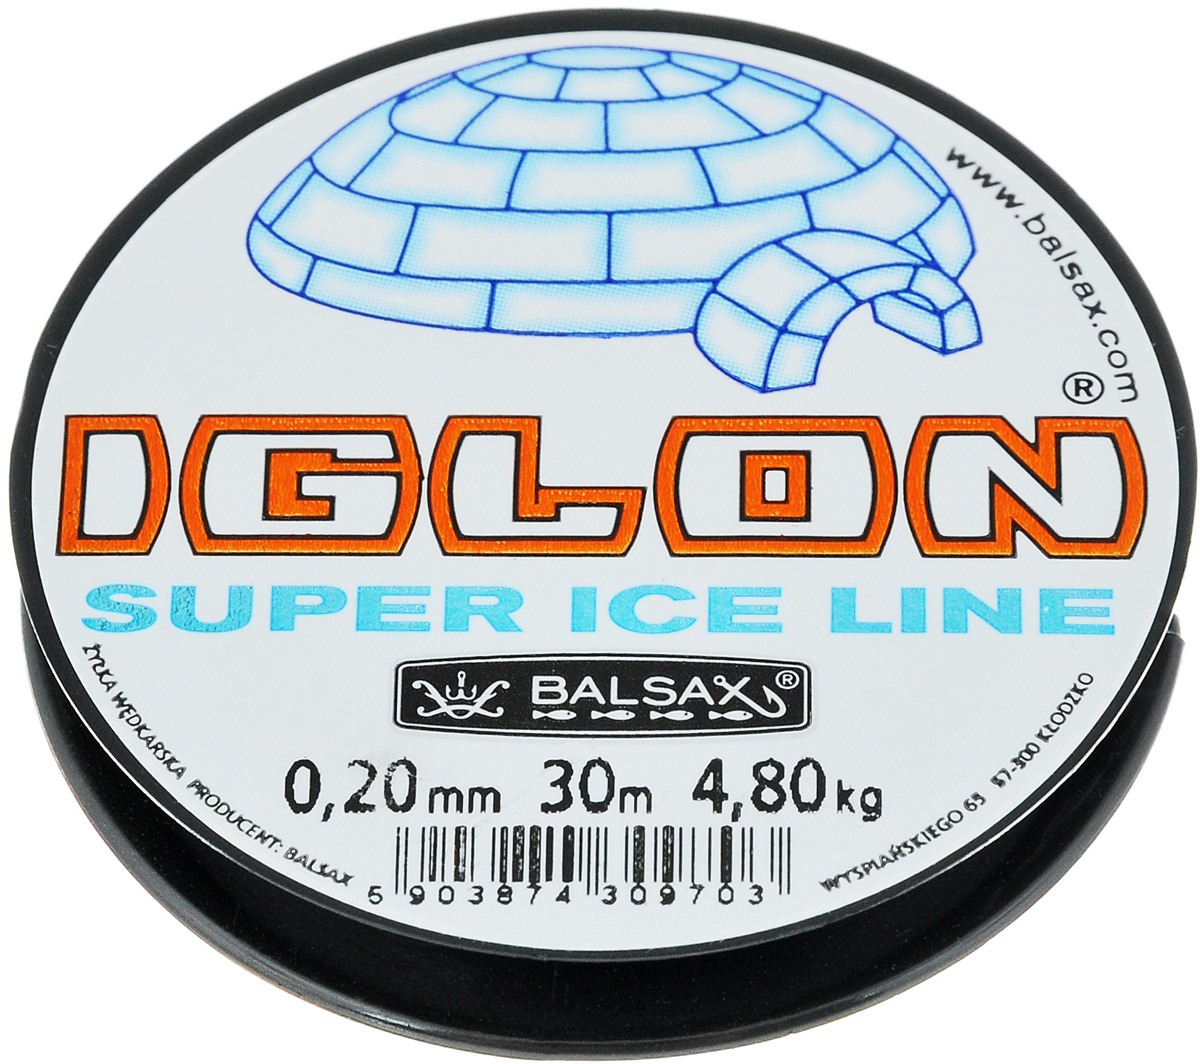 Леска зимняя Balsax Iglon, 30 м, 0,20 мм, 4,8 кг1232625Леска зимняя Balsax Iglon изготовлена из 100% нейлона и очень хорошо выдерживает низкие температуры. Даже в самом холодном климате, при температуре вплоть до -40°C, она сохраняет свои свойства практически без изменений, в то время как традиционные лески становятся менее эластичными и теряют прочность.Поверхность лески обработана таким образом, что она не обмерзает и отлично подходит для подледного лова. Прочна в местах вязки узлов даже при минимальном диаметре.